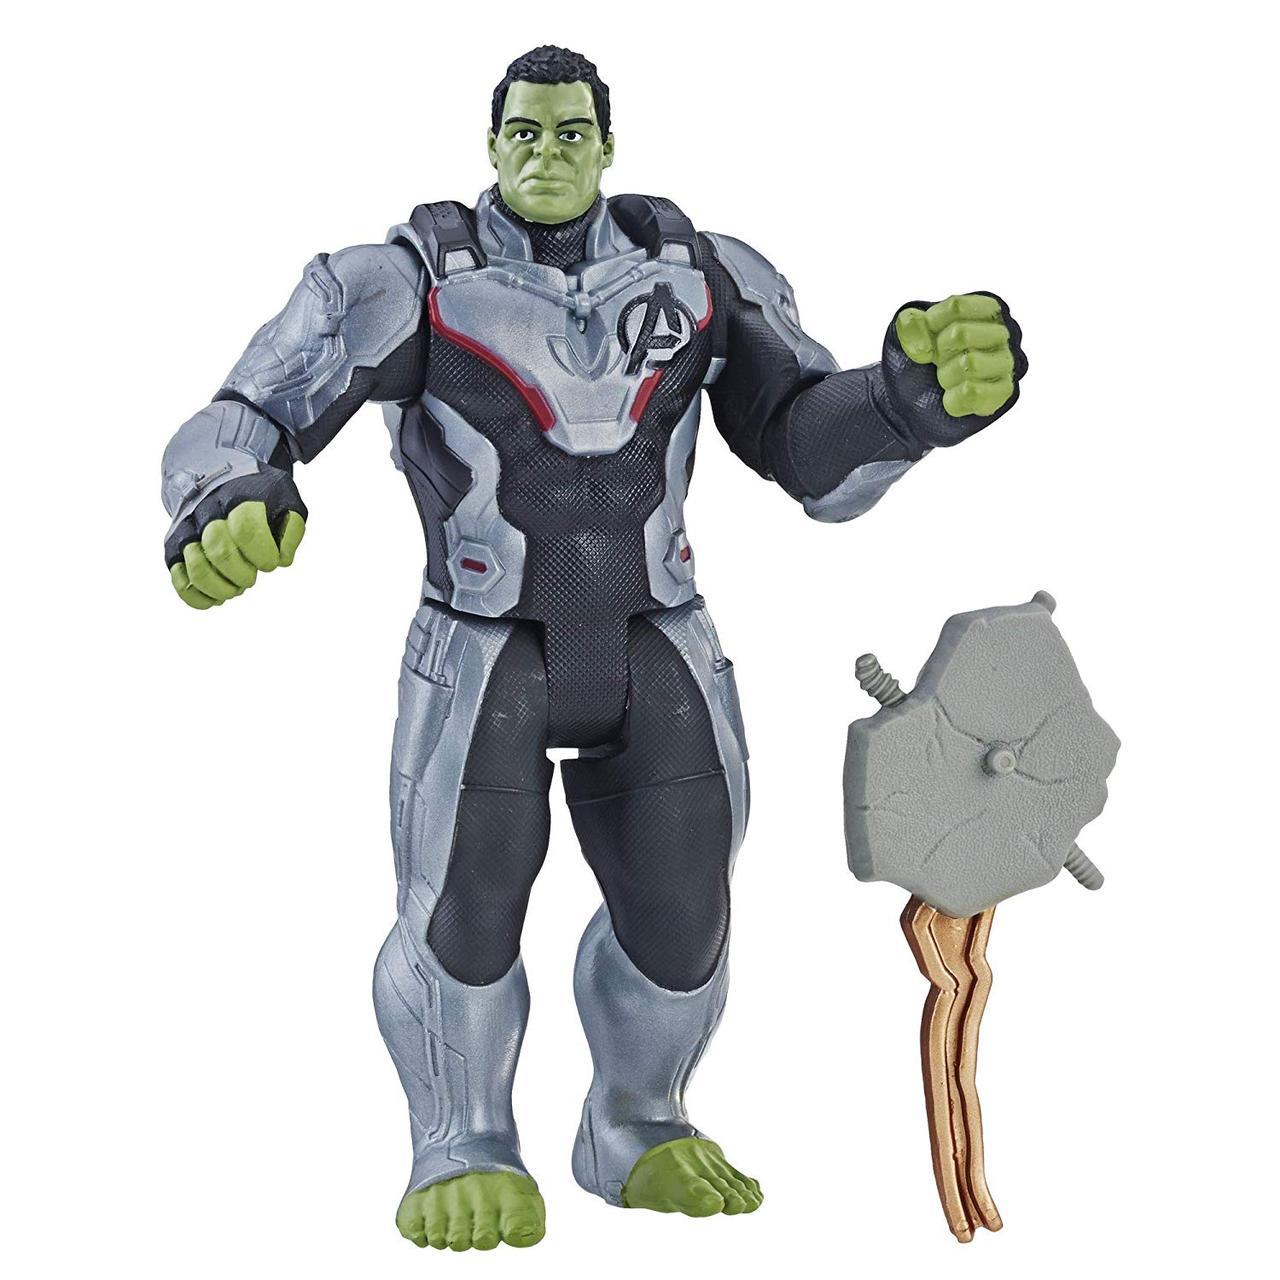 Игрушка-фигурка Hasbro Халк, Мстители Финал, 15 см - Hulk, Avengers Endgame